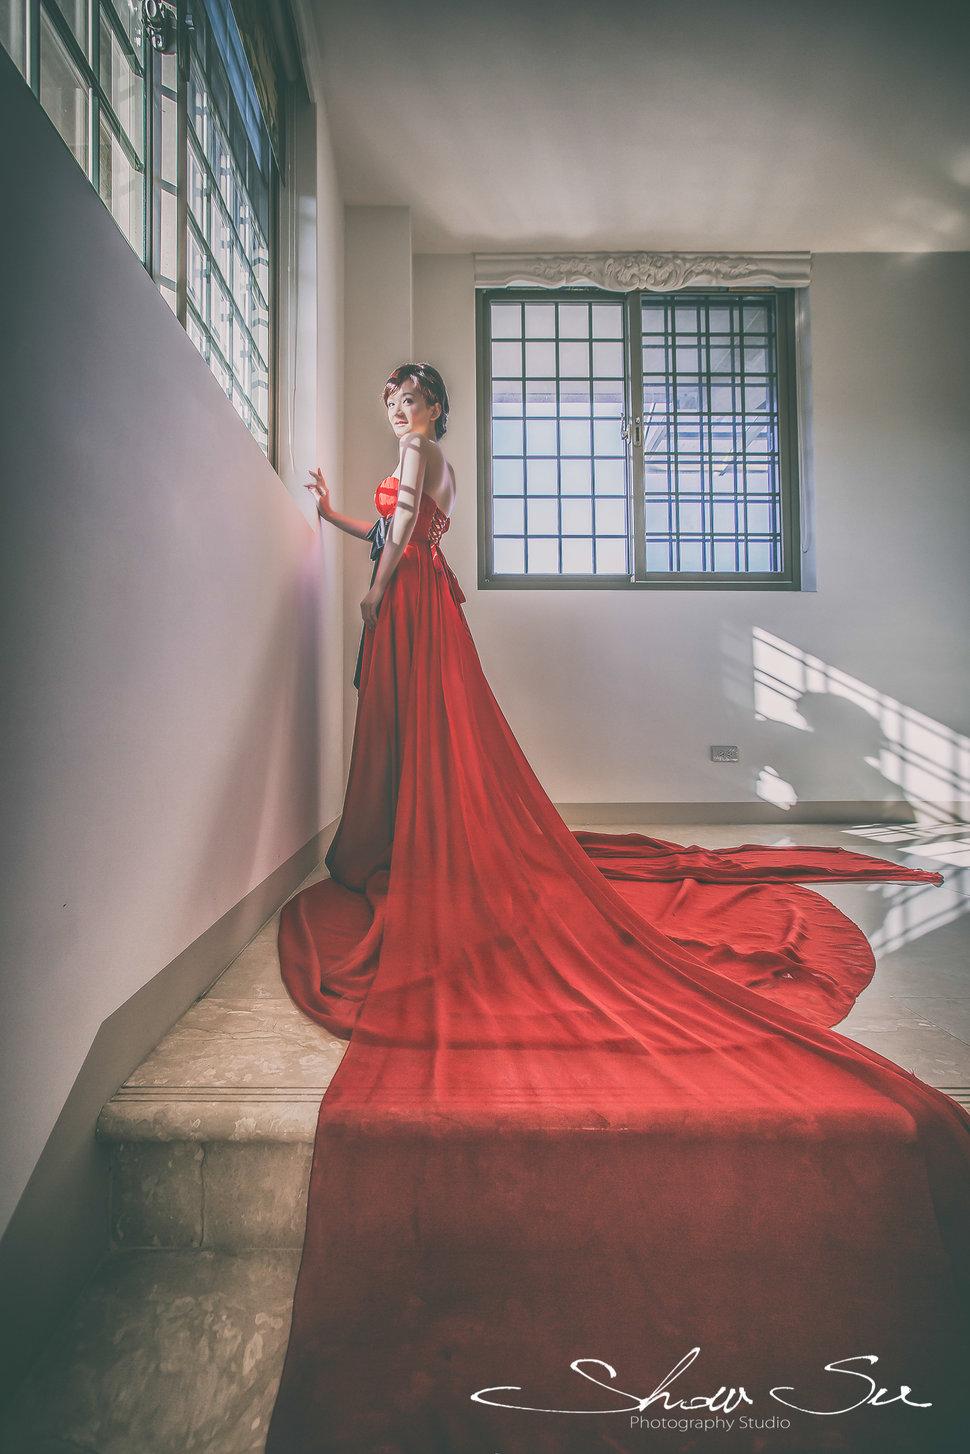 [婚攝] 志榮&語涵│桃園@儷宴國際宴會館│文定午宴(編號:513823) - Show Su Photography - 結婚吧